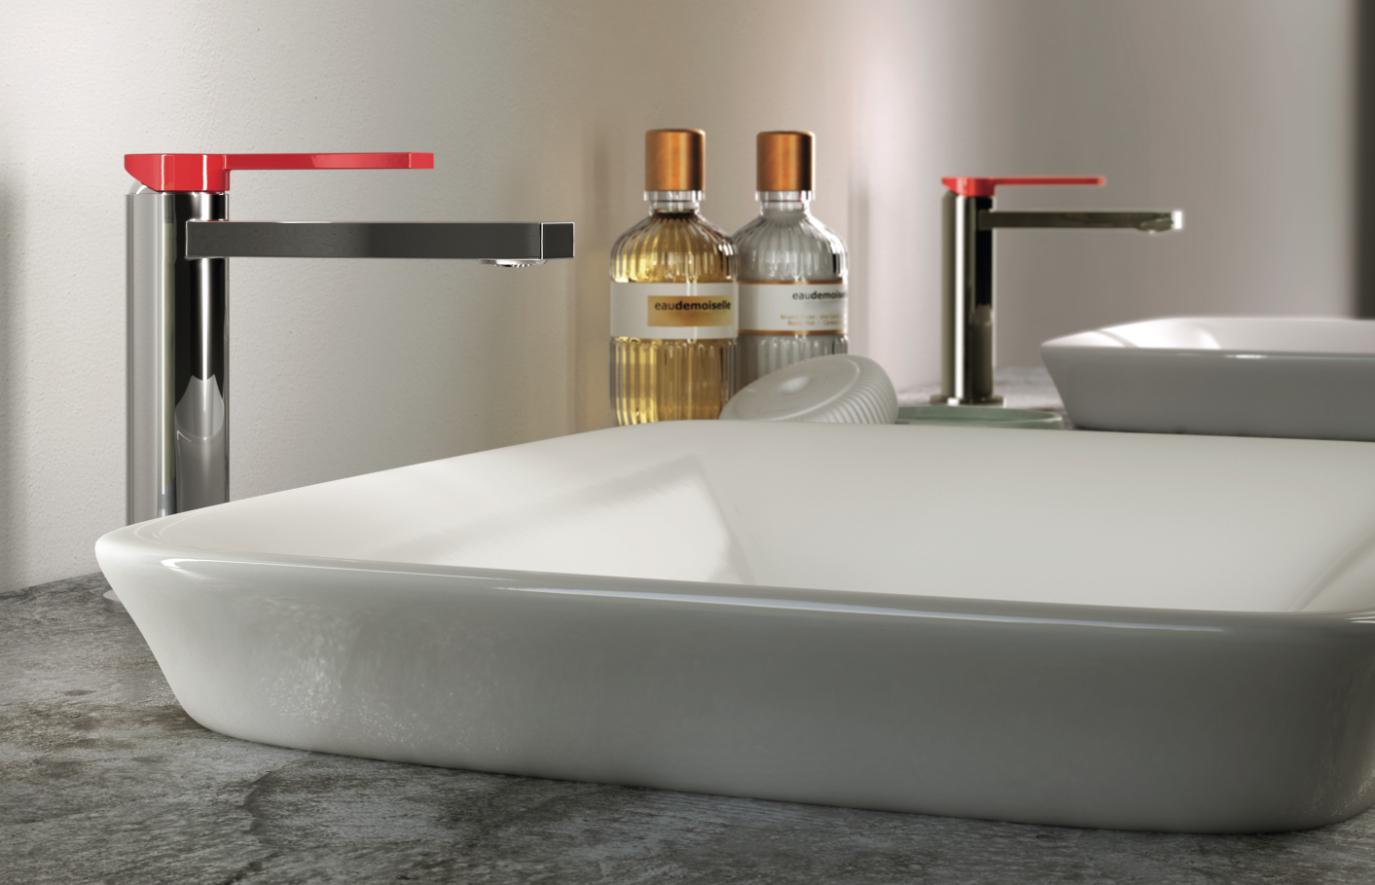 Color il nuovo miscelatore di gattoni rubinetteria - Rubinetteria moderna bagno ...